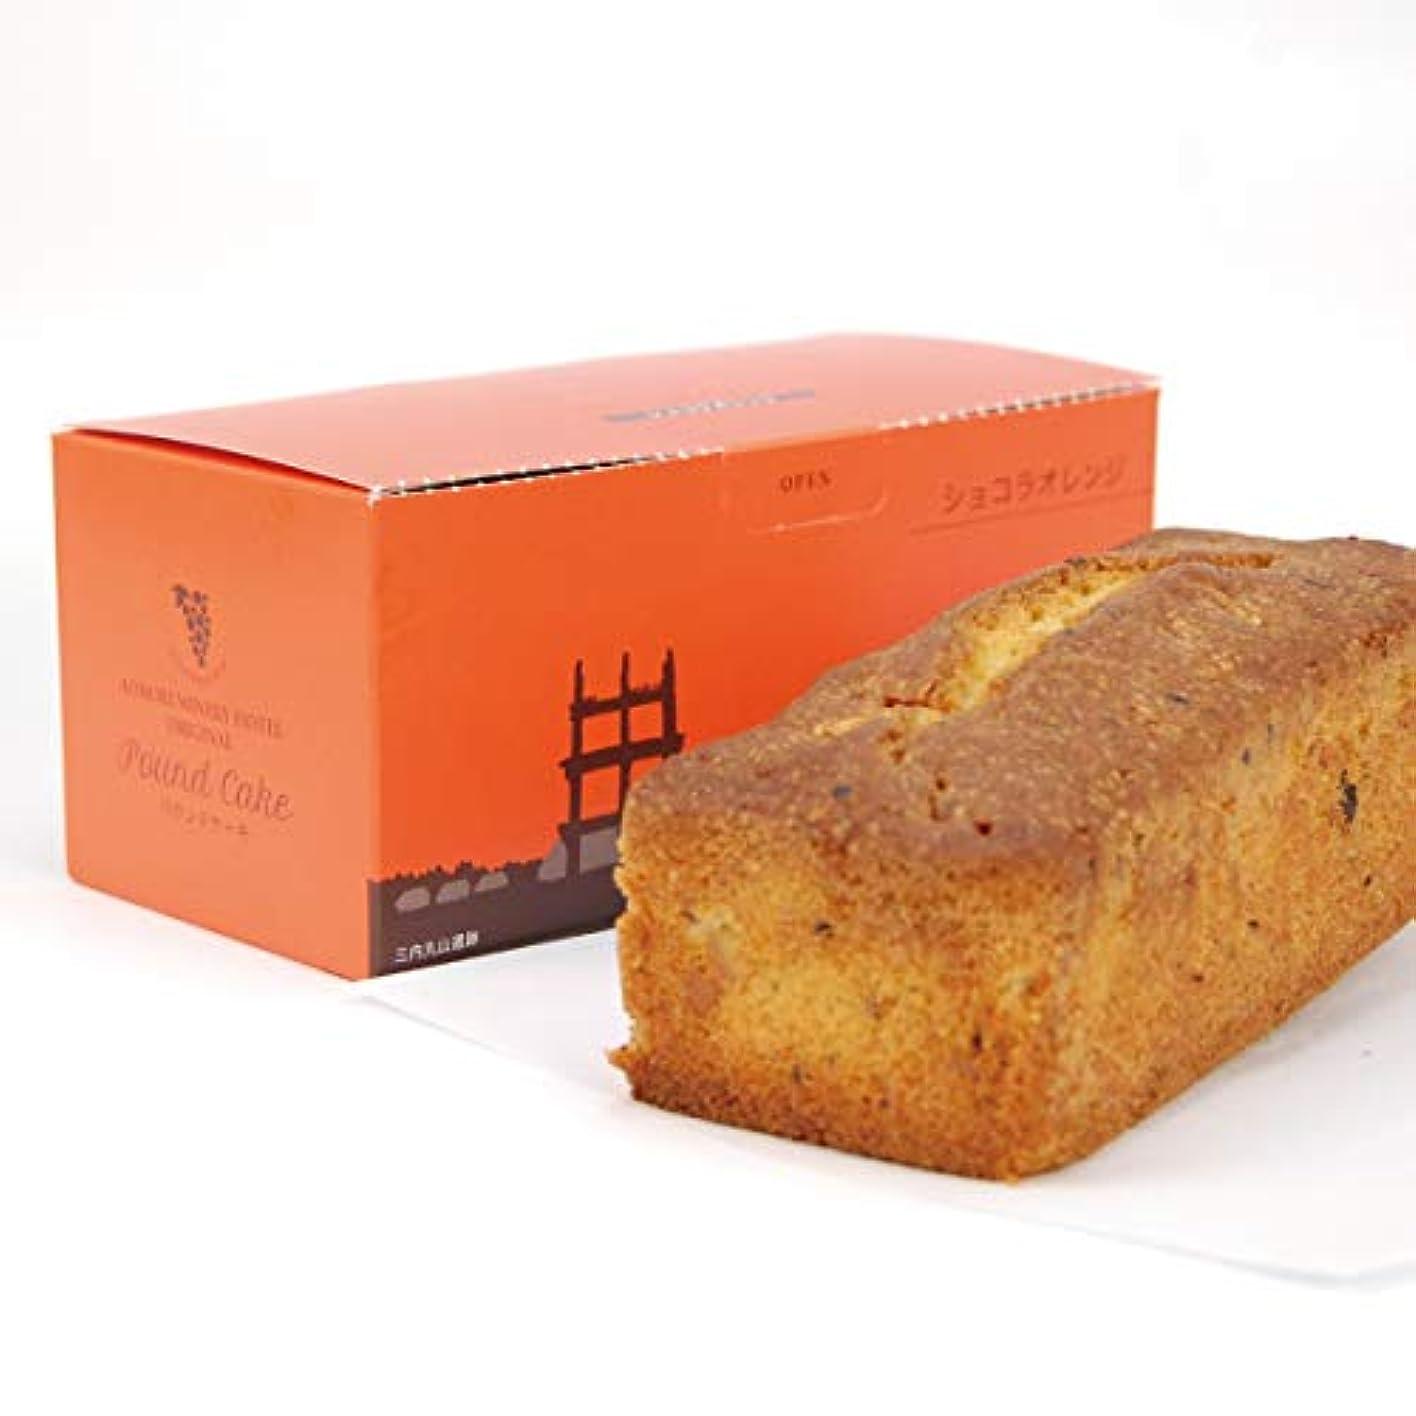 協会好奇心盛シーフードショコラオレンジパウンドケーキ スイーツ 敬老の日ギフト ハロウィン